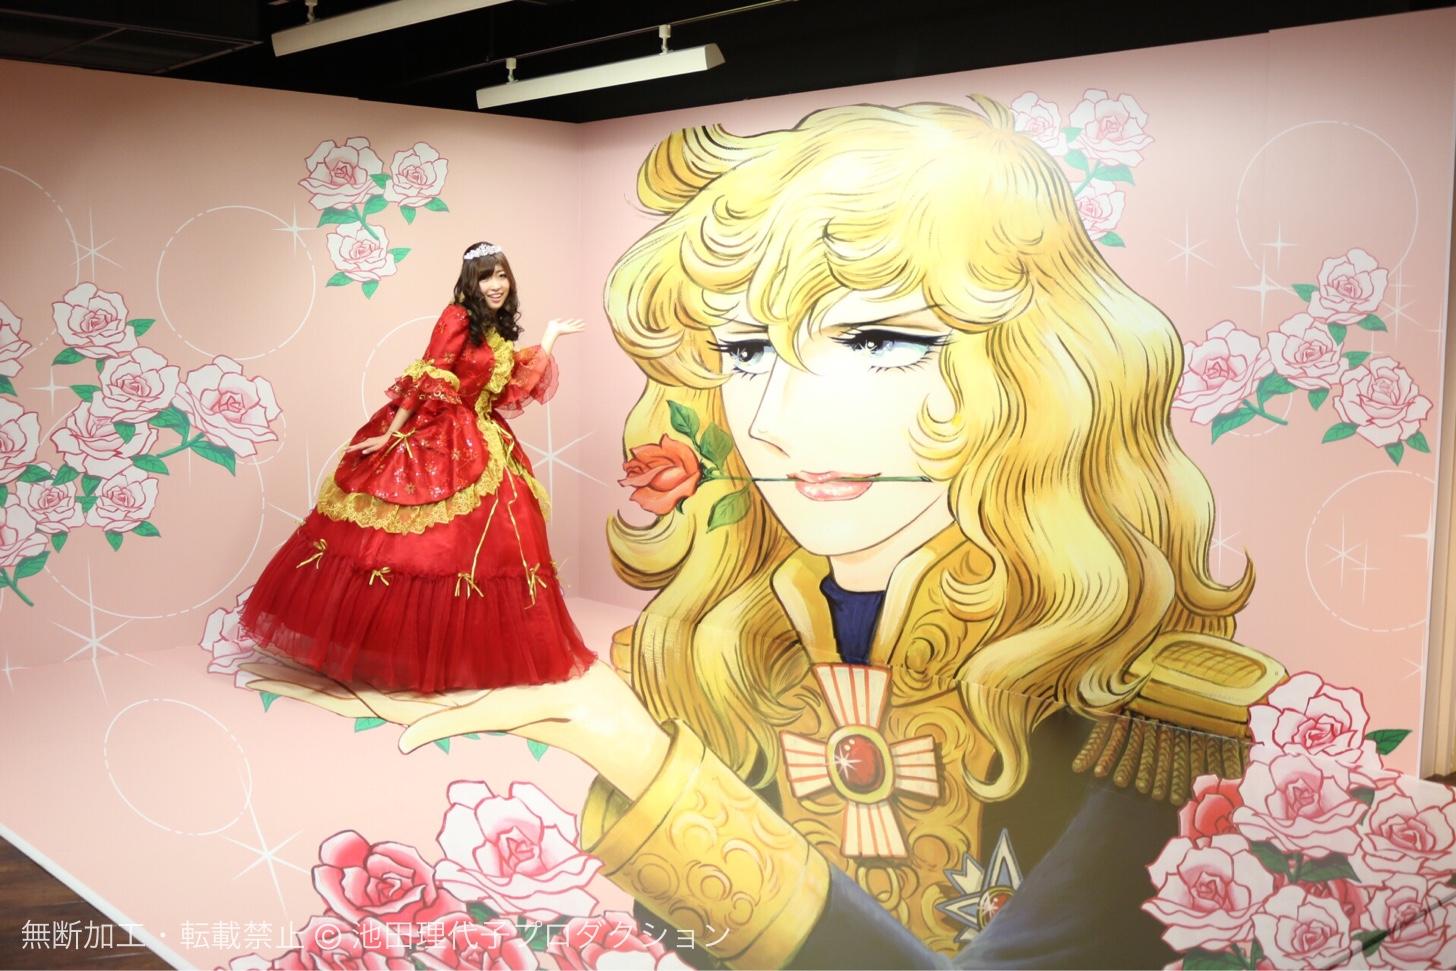 横浜中華街「横浜大世界」でベルサイユのばらがトリックアートに!ベルばらの部屋が3月18日より開催